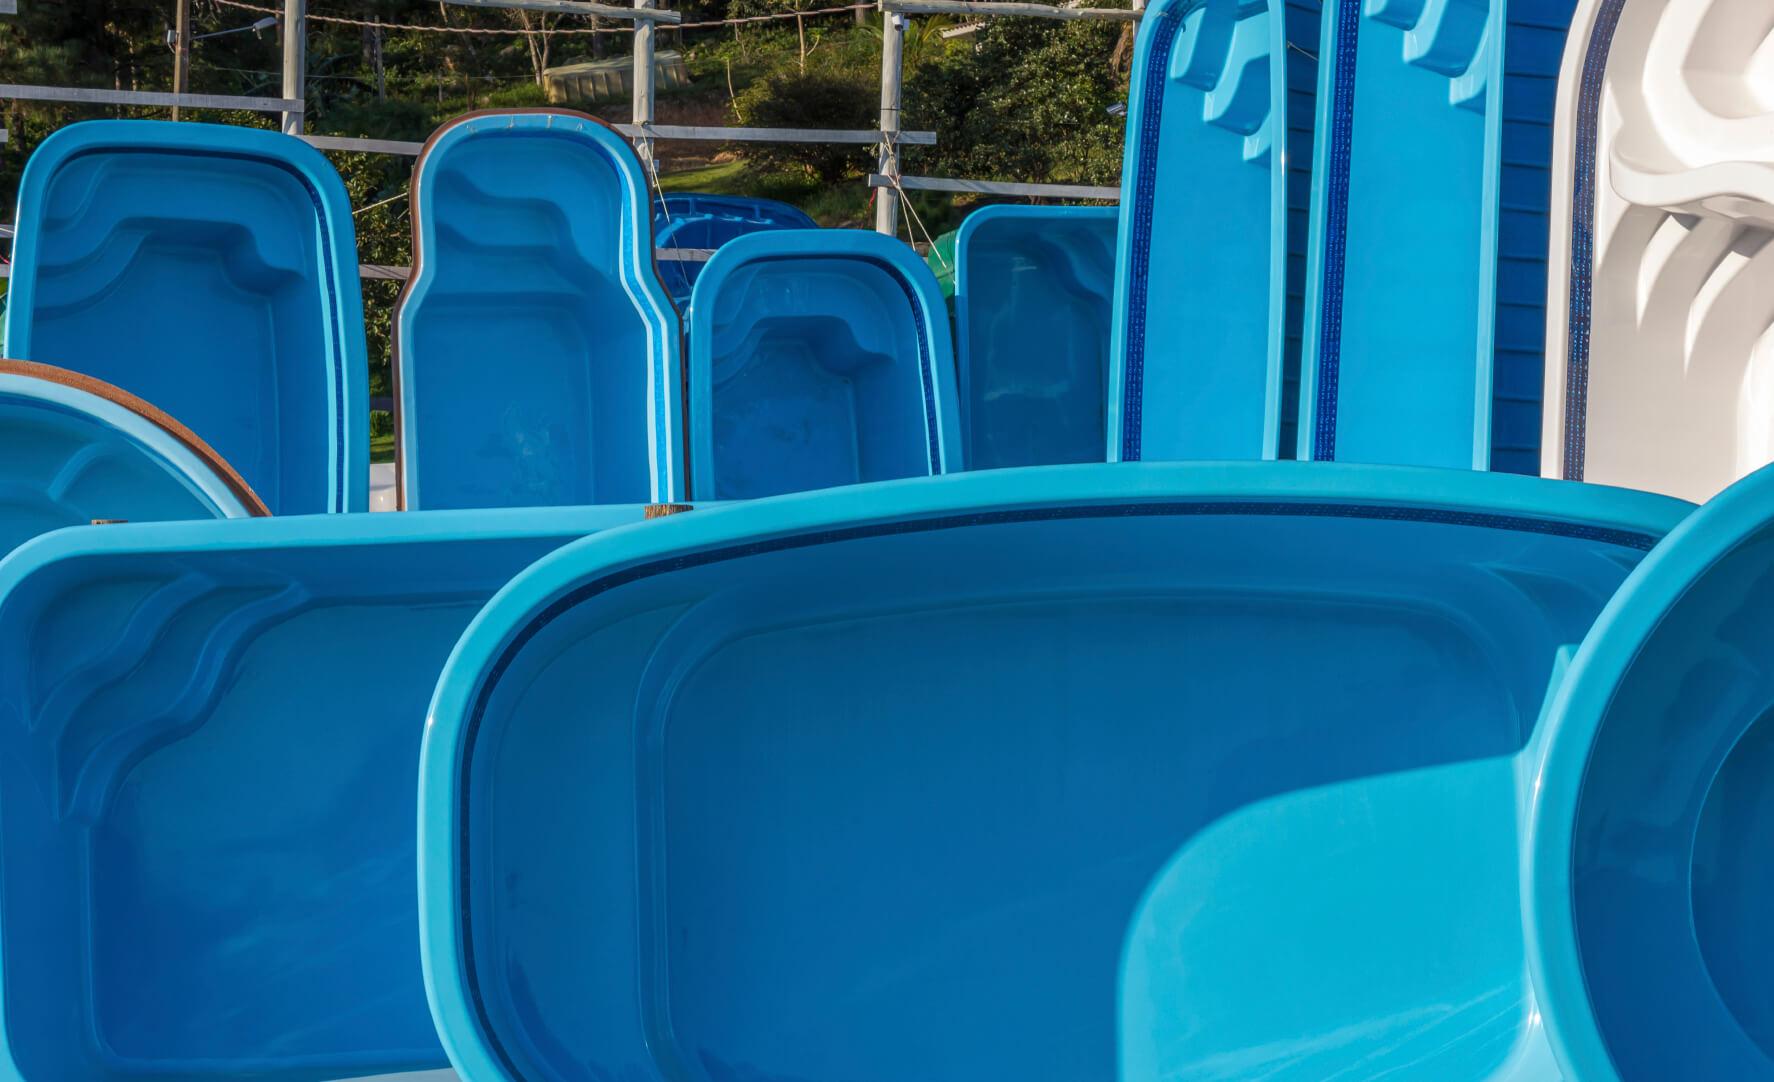 fiberglass-swimming-pool-liner